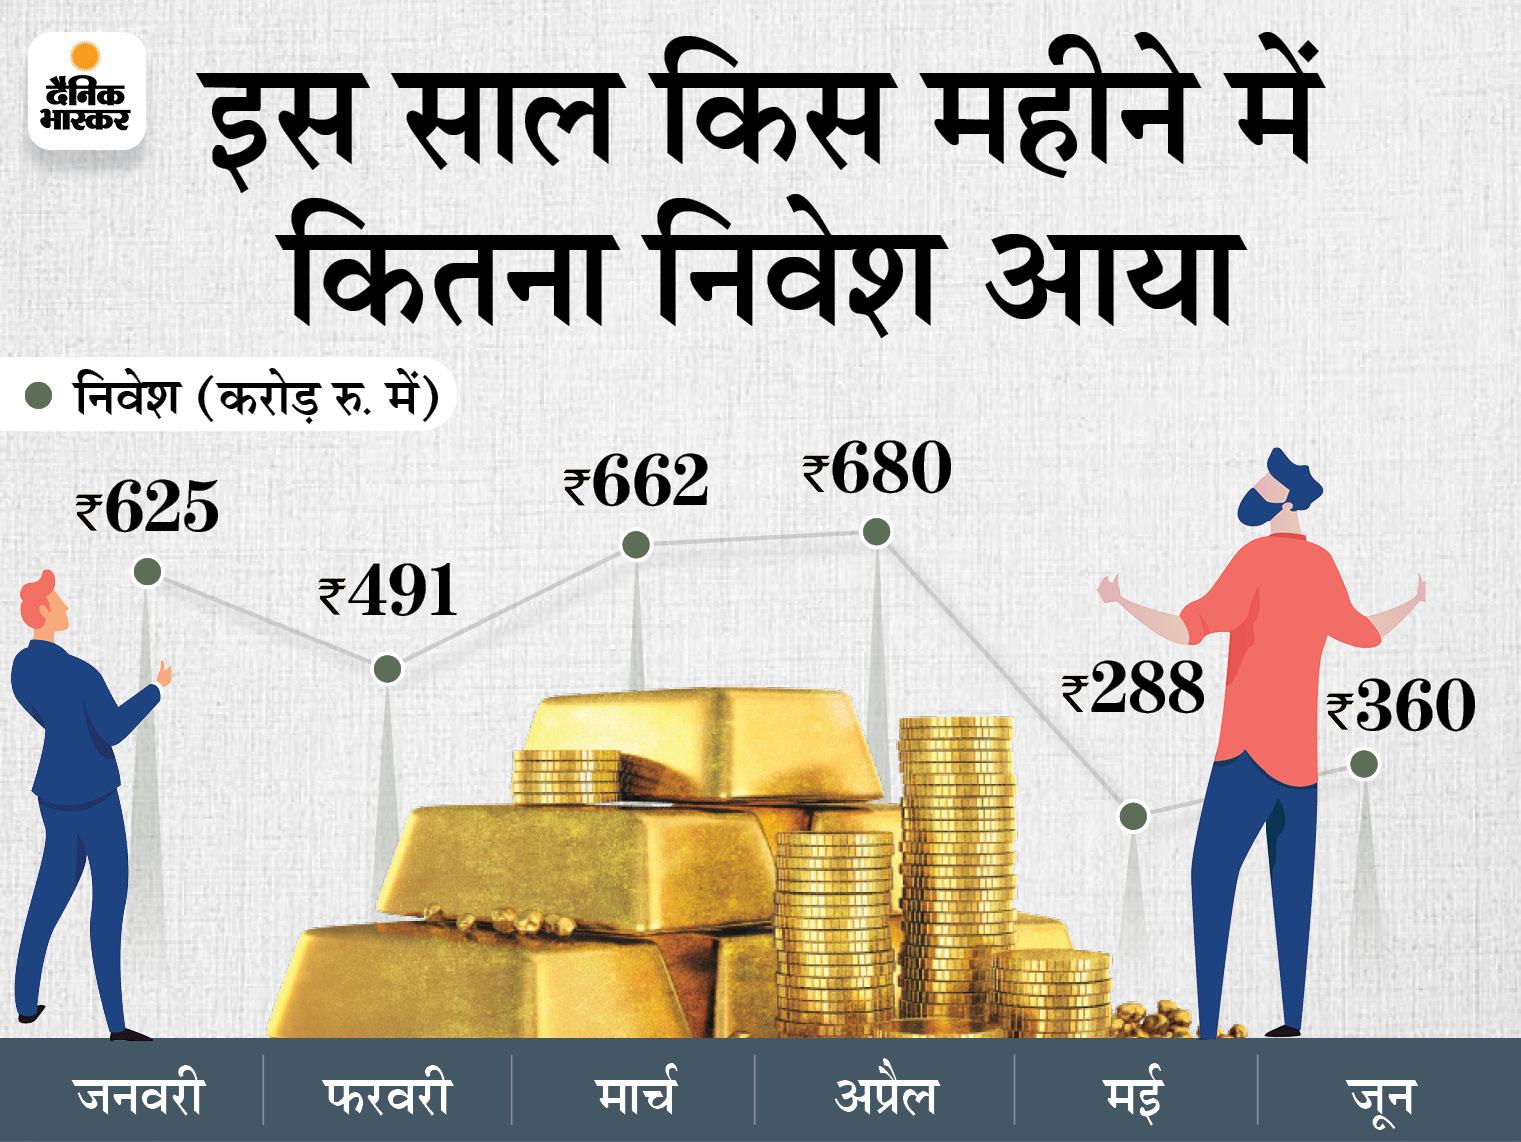 लोगों को रास आ रहा गोल्ड ETF, बीते 6 महीनों में खातों की संख्या 41% बढ़ी|बिजनेस,Business - Dainik Bhaskar